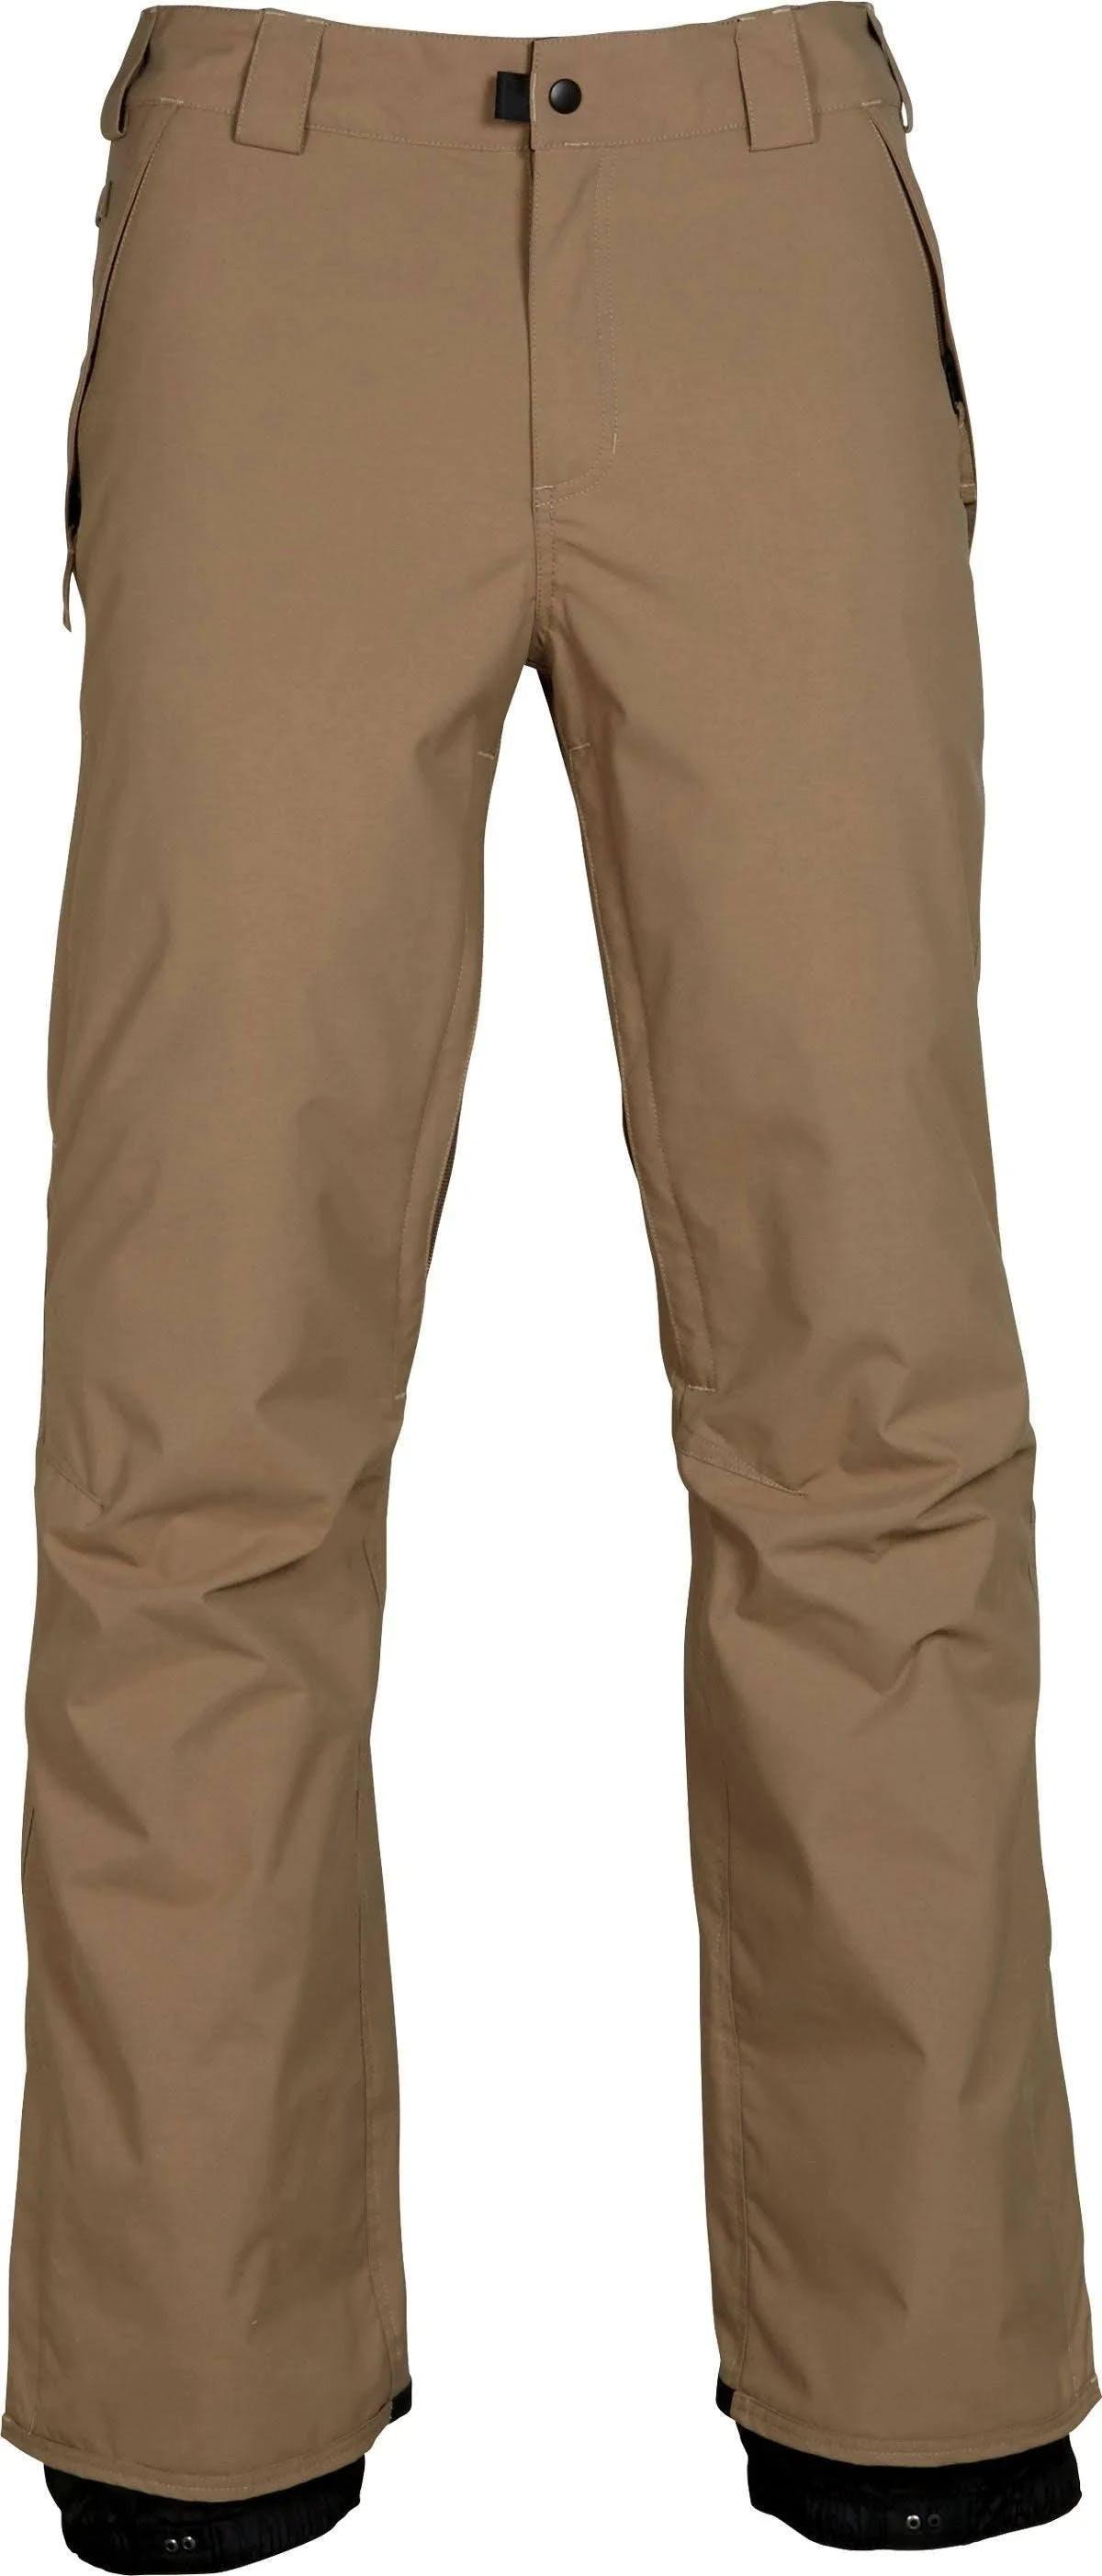 686 Men's Standard Pant S Khaki